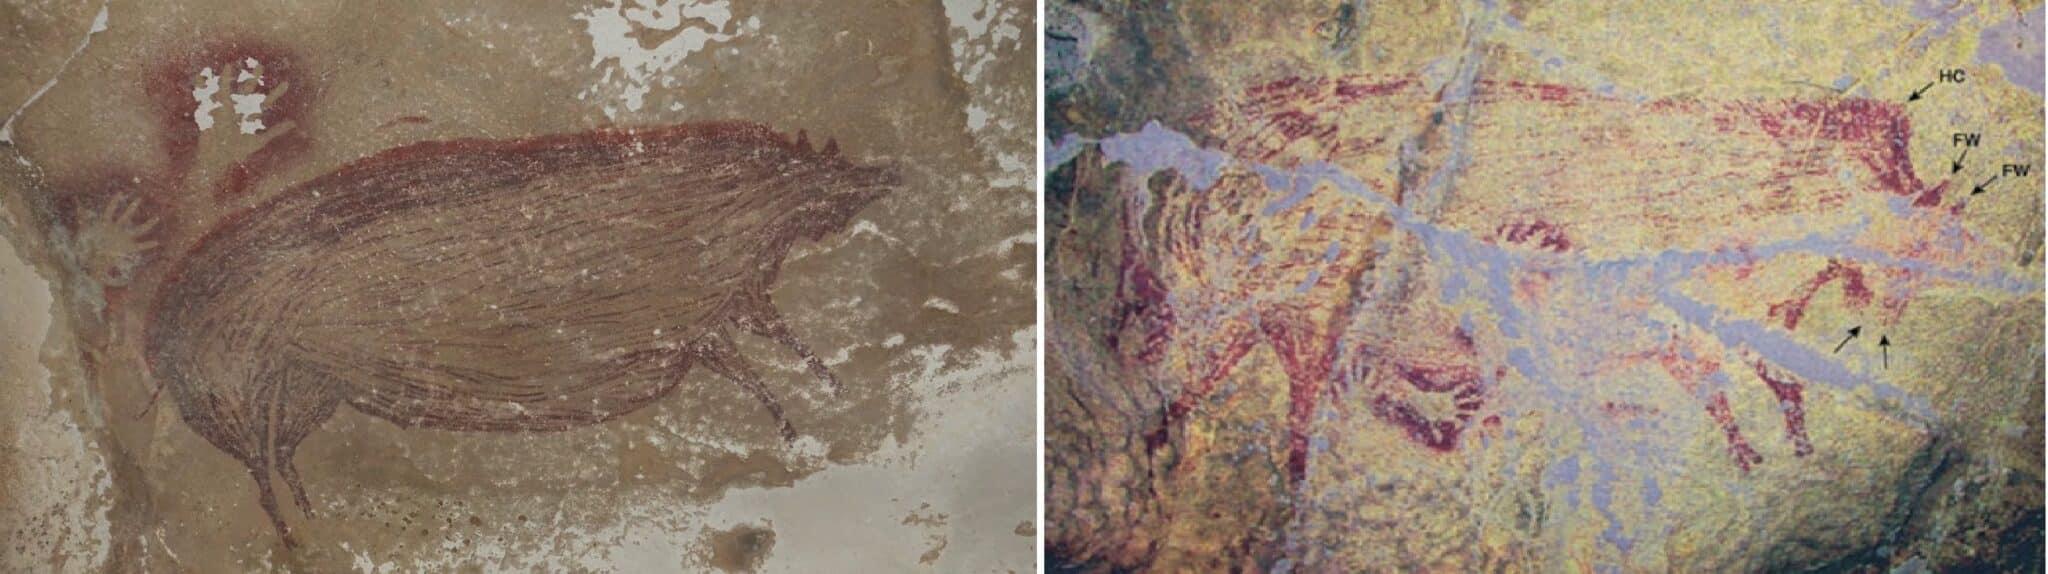 Un maiale di 45mila anni: è la più antica opera d'arte umana mai scoperta